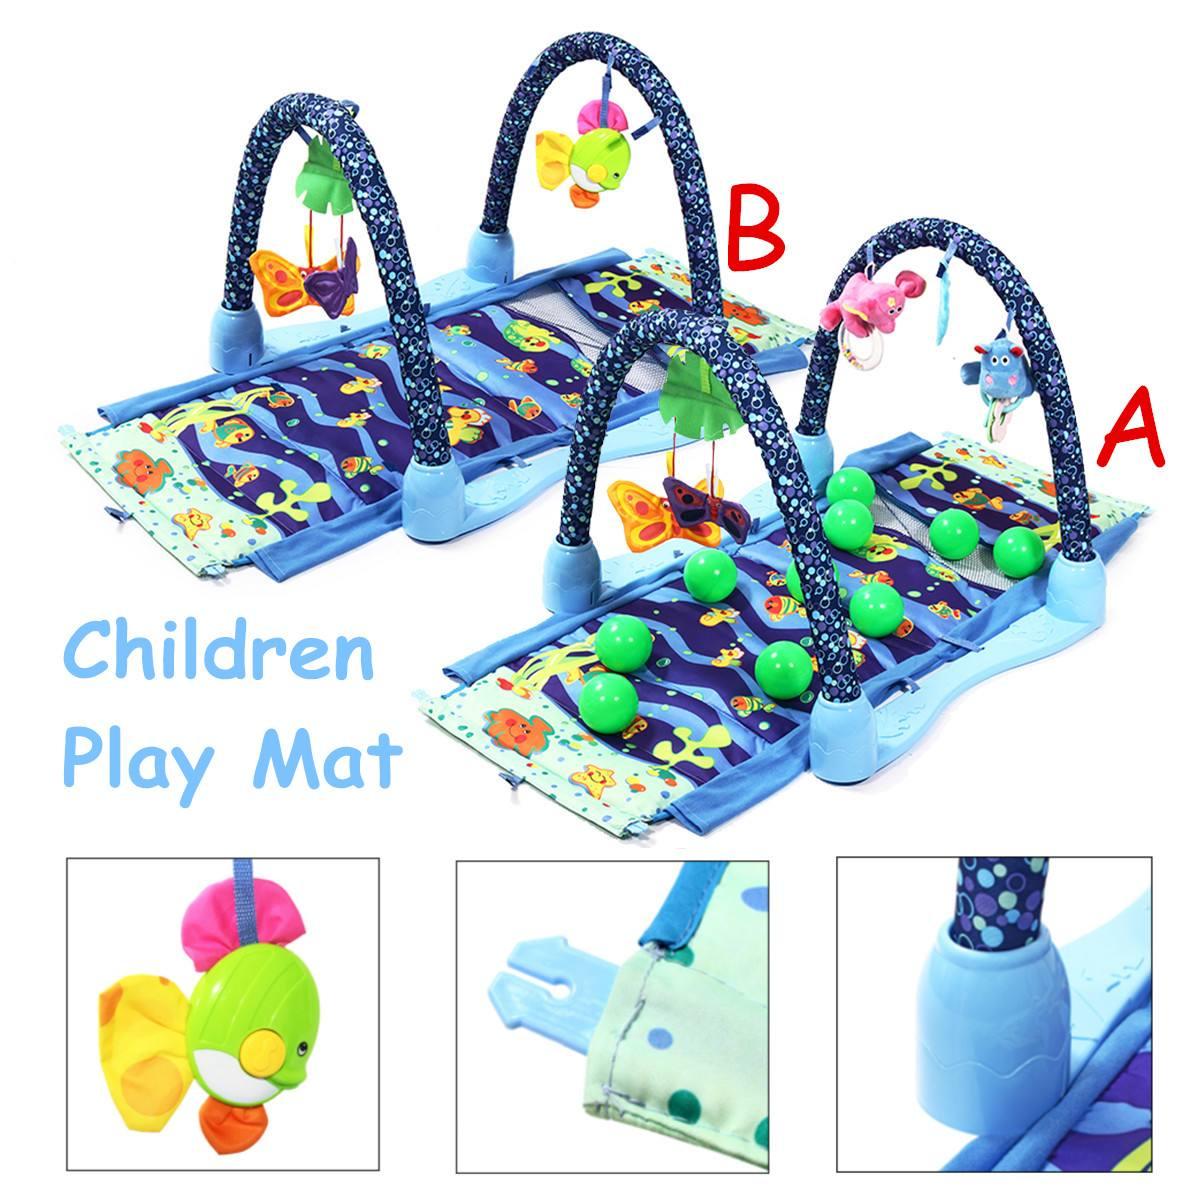 Grand bébé tapis de jeu enfants tapis jouets éducatifs Puzzle tapis bande dessinée Animal tapis de jeu bébé Gym ramper activité tapis couverture